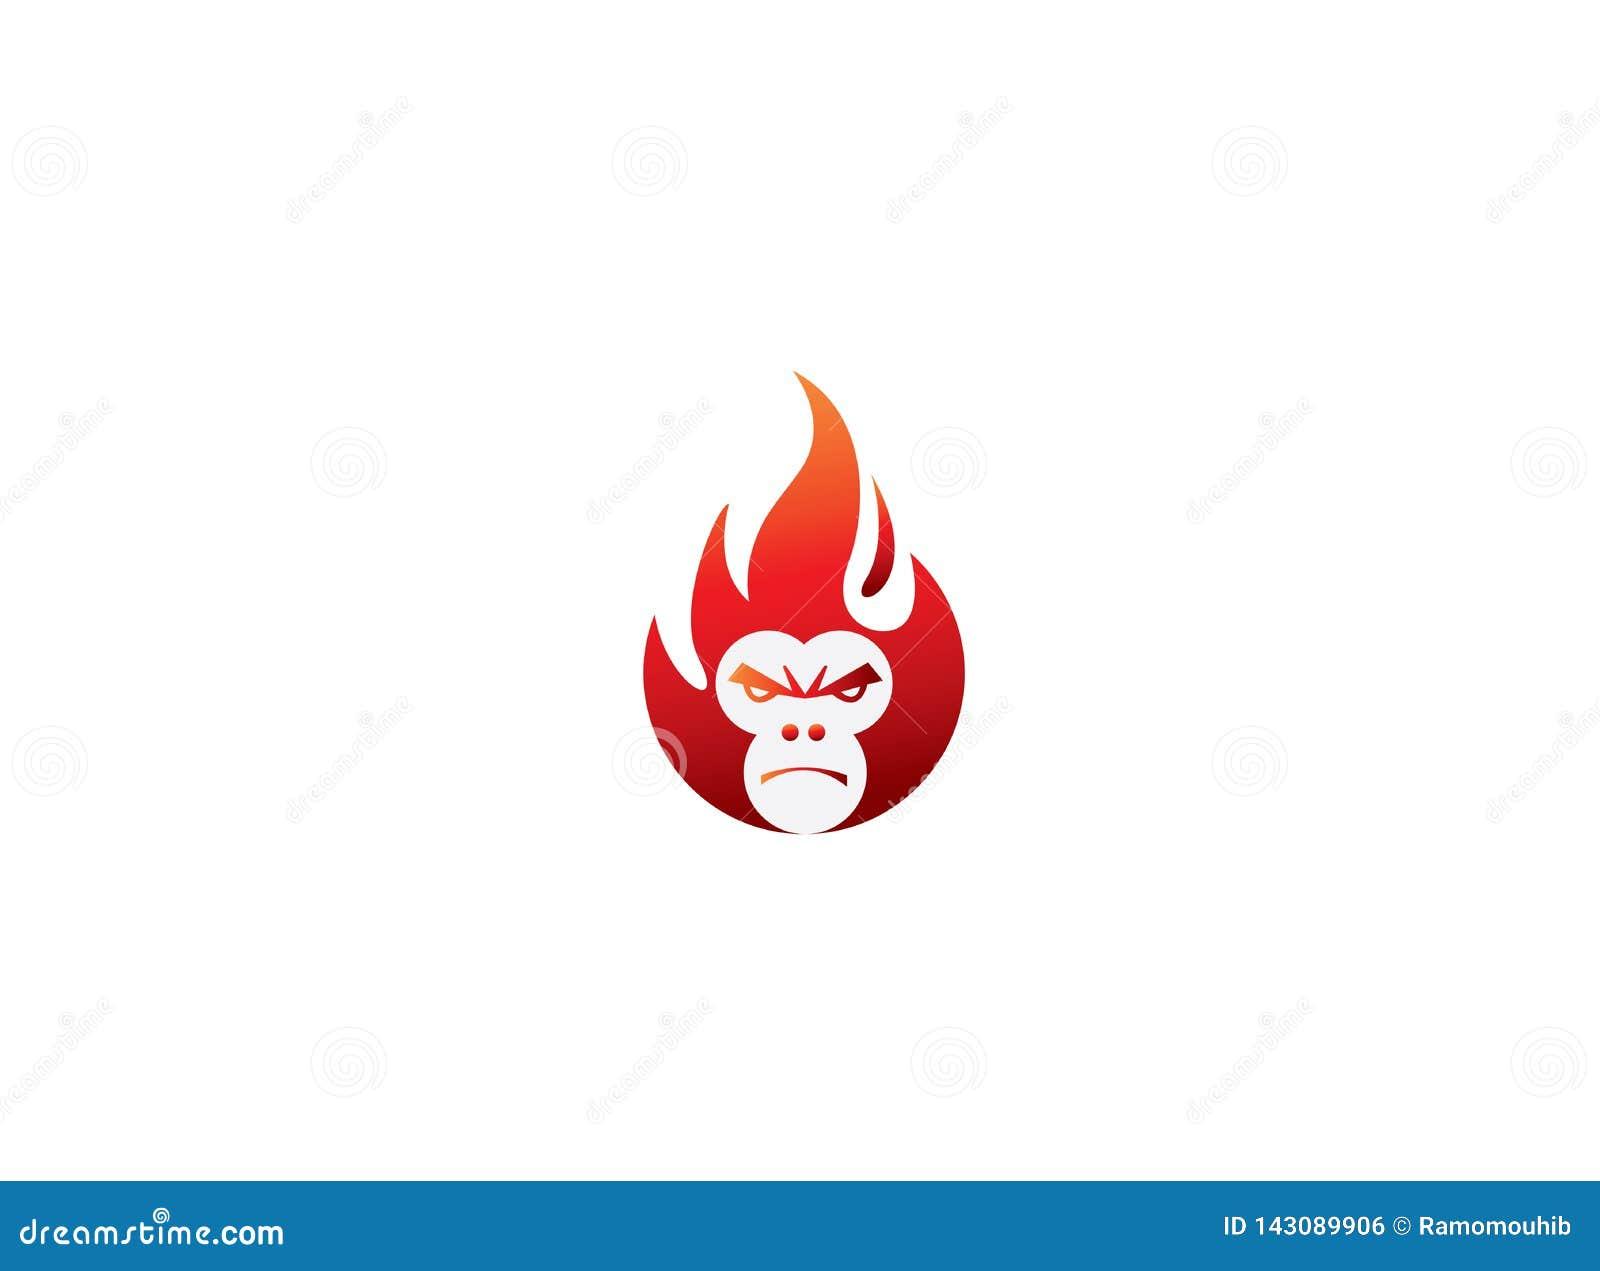 Affekopf mit verärgertem Gesicht in einer Feuerkugel für Logoentwurf